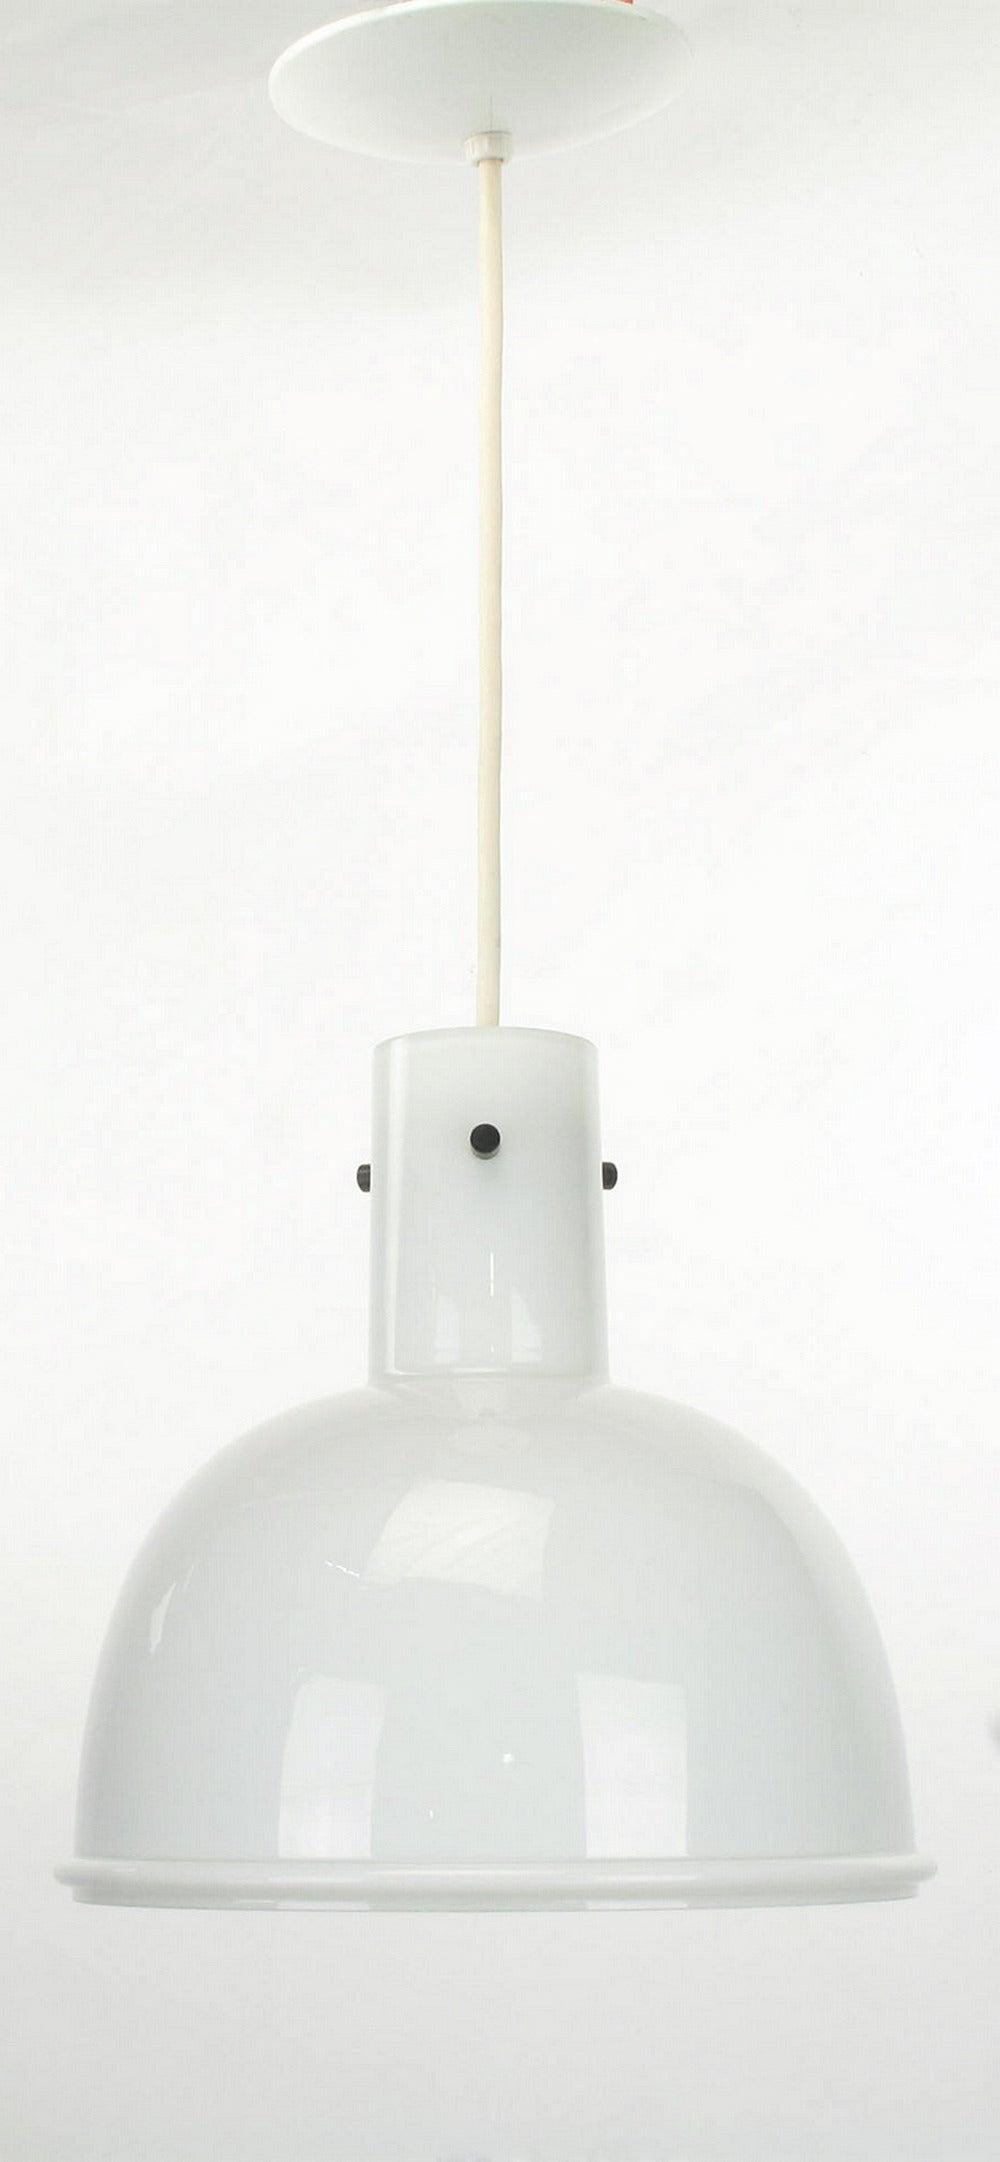 Lightolier White Cased Glass Bell Form Pendant Light by Glashütte Limburg For Sale 3